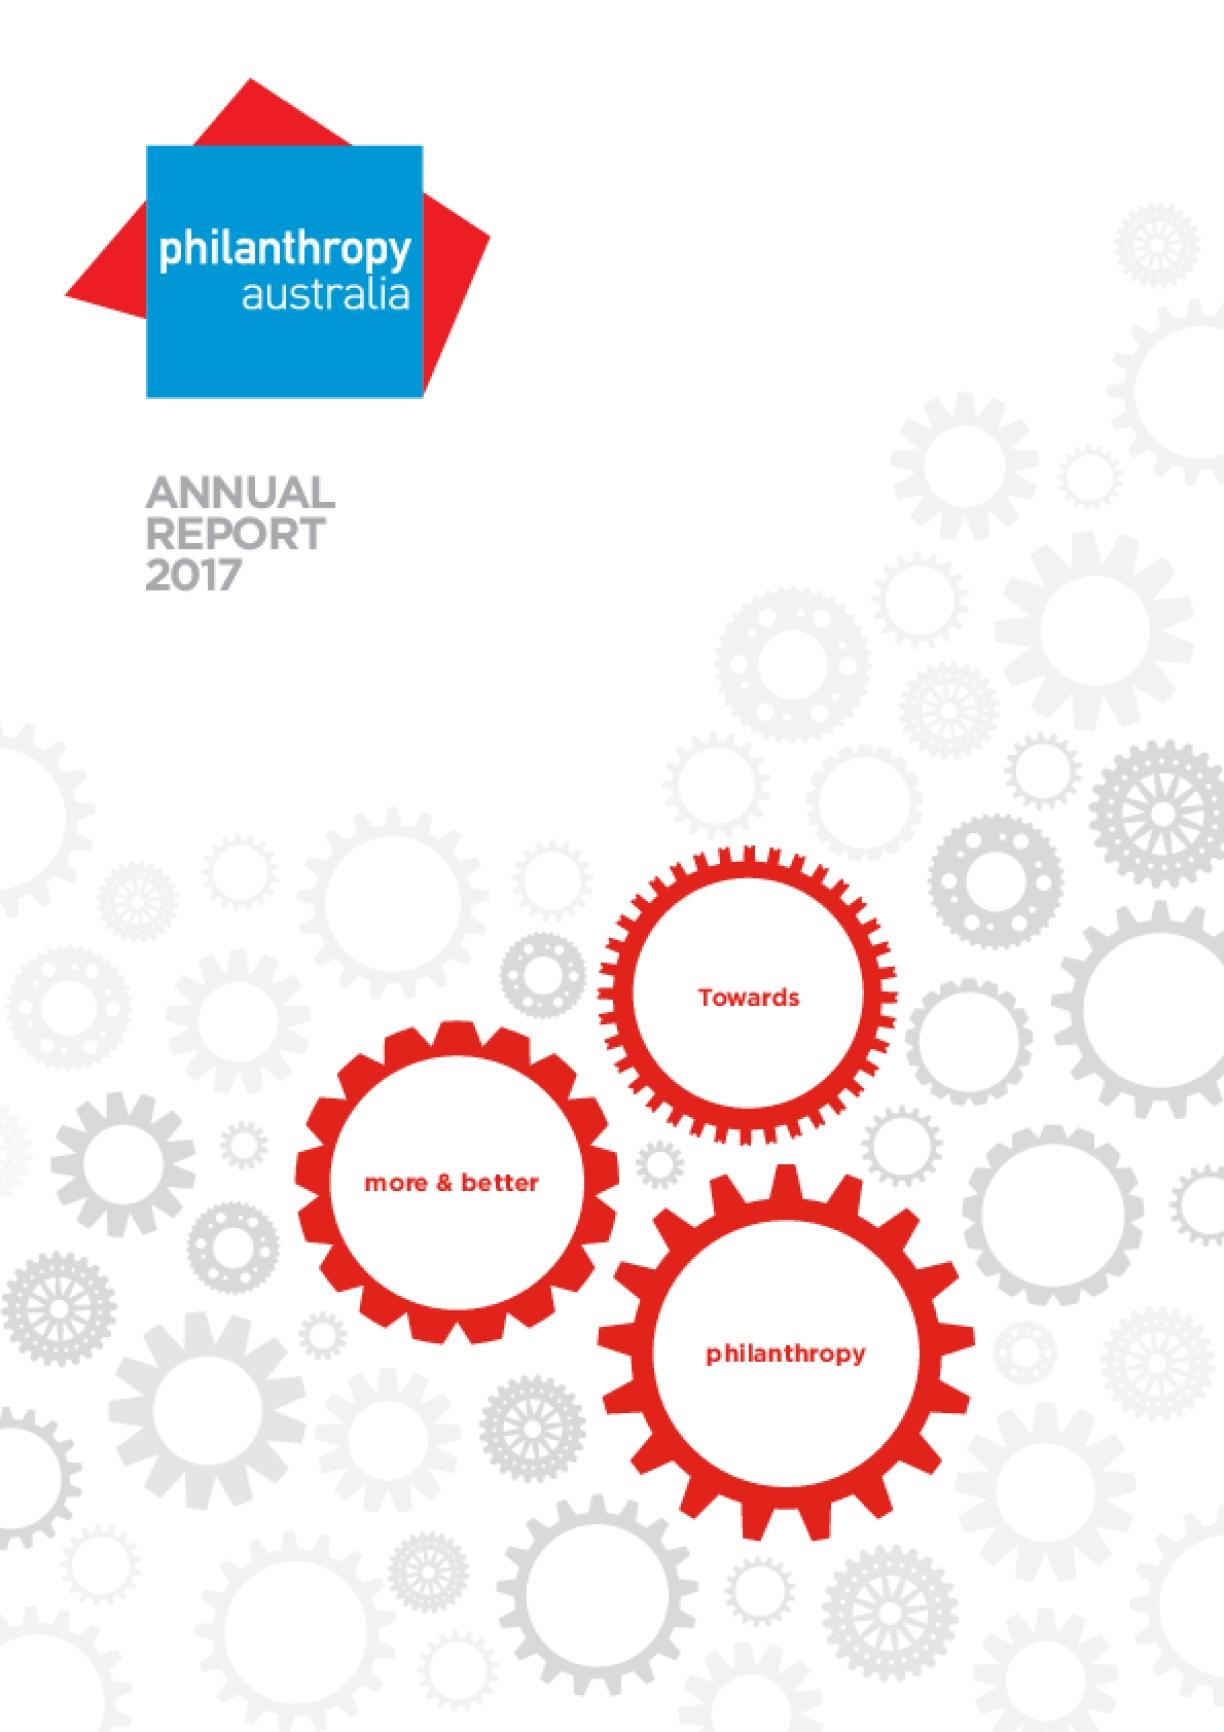 Philanthropy Australia Annual Report 2017